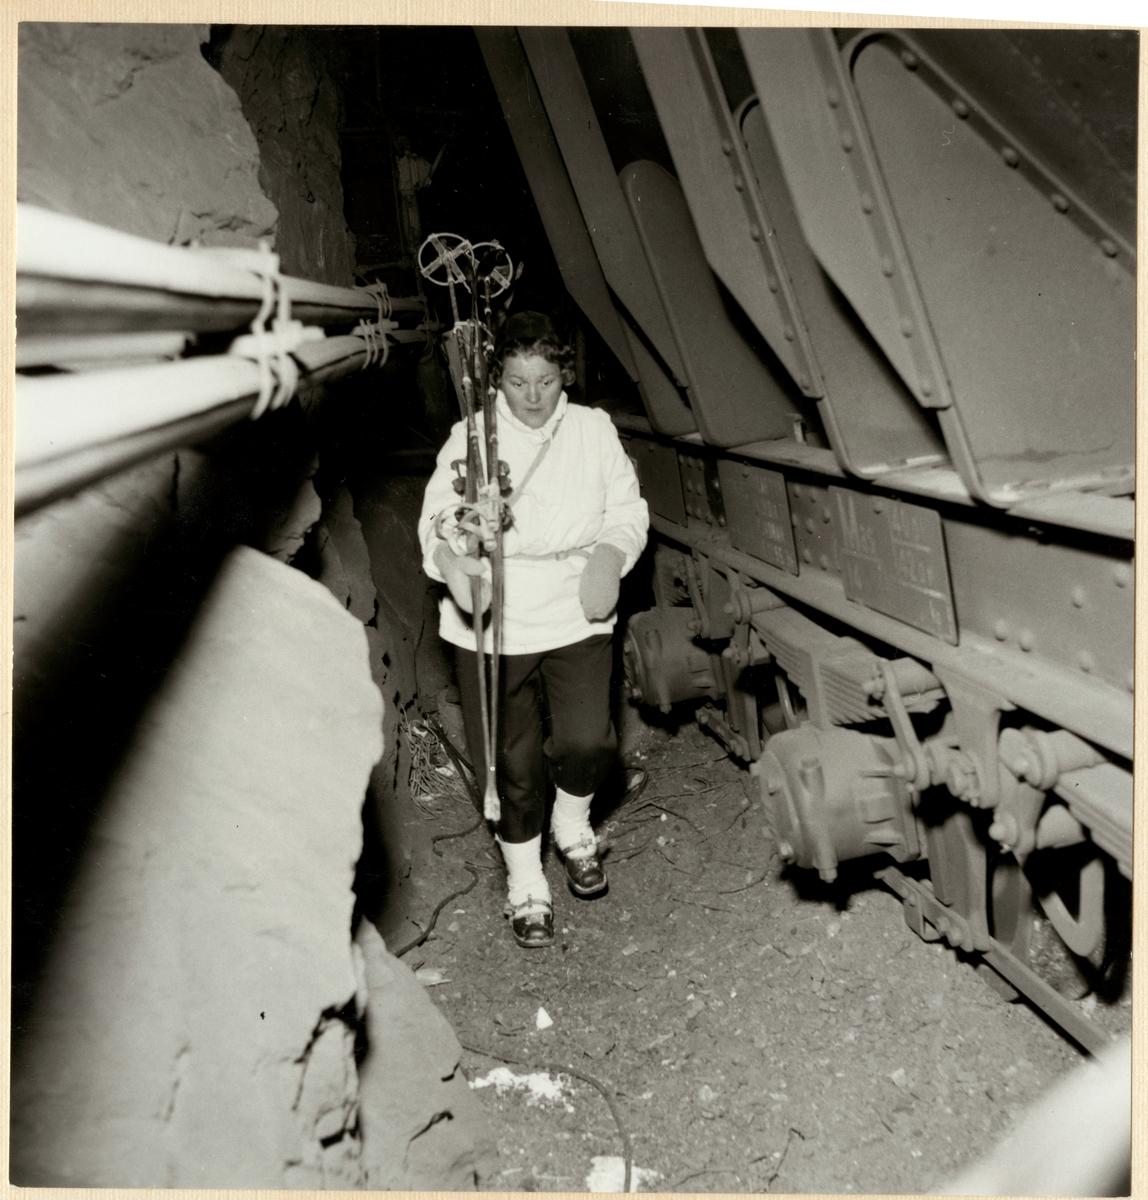 Statens Järnvägar, SJ, SJ Mas malmvagn, efter urspårning den 17/4 1956 på sträckan mellan Vassijaure och Hundalen. En kvinna går igenom tunneln där vagnarna spårat ur.